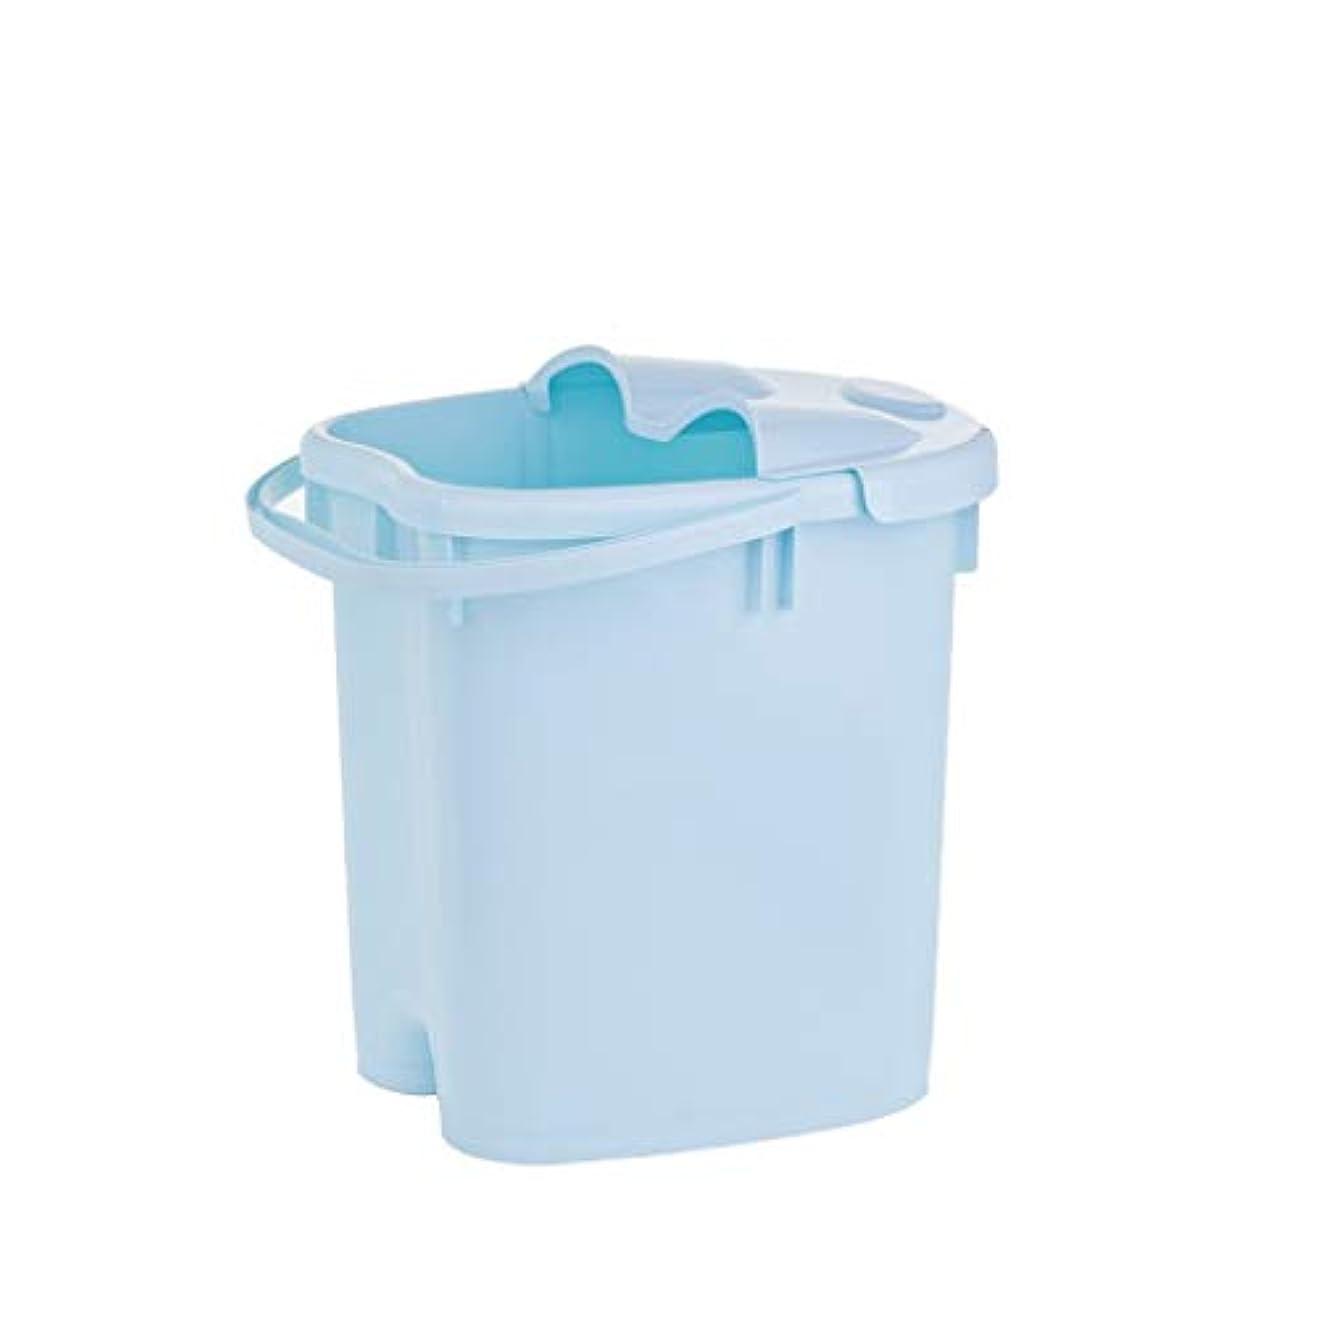 校長幻滅マウスピースフットバスバレル- ?AMT携帯用高まりのマッサージの浴槽のふたの熱保存のフィートの洗面器の世帯が付いている大人のフットバスのバケツ Relax foot (色 : 青, サイズ さいず : 39cm high)